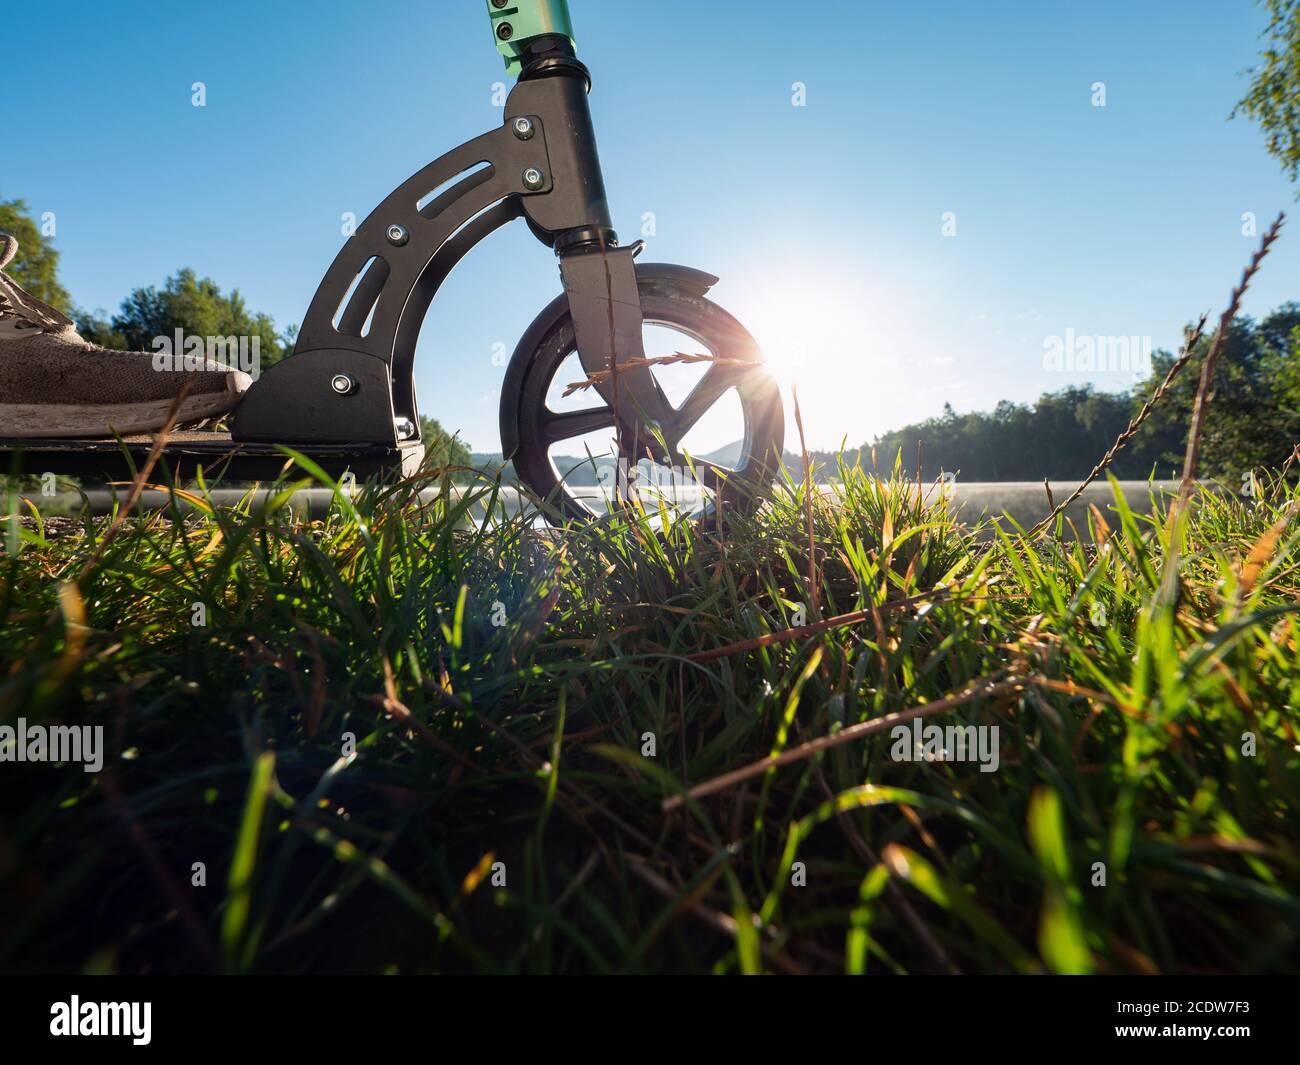 Gros plan du pneu de roue avant du scooter de poussée stationné au lac en soirée d'été. Fin de plaisir et rentrer à la maison au lit. Banque D'Images